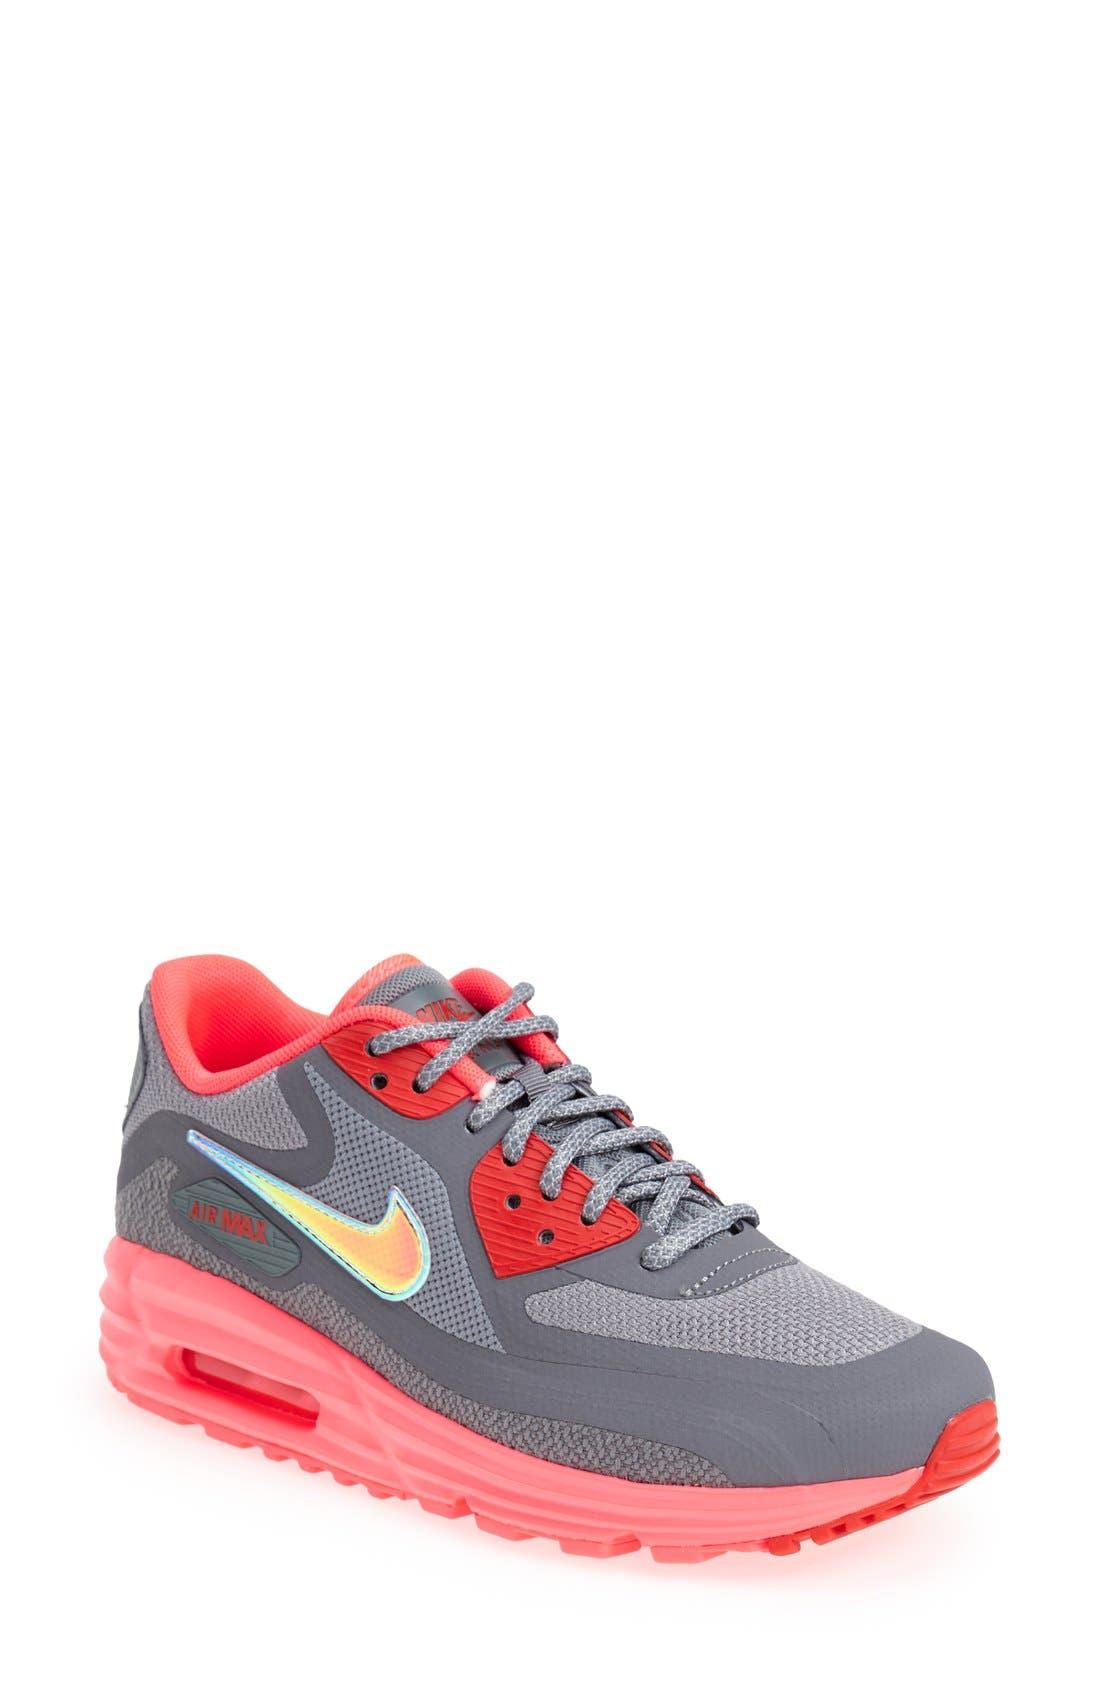 Main Image - Nike 'Air Max Lunar 90' Sneaker (Women)